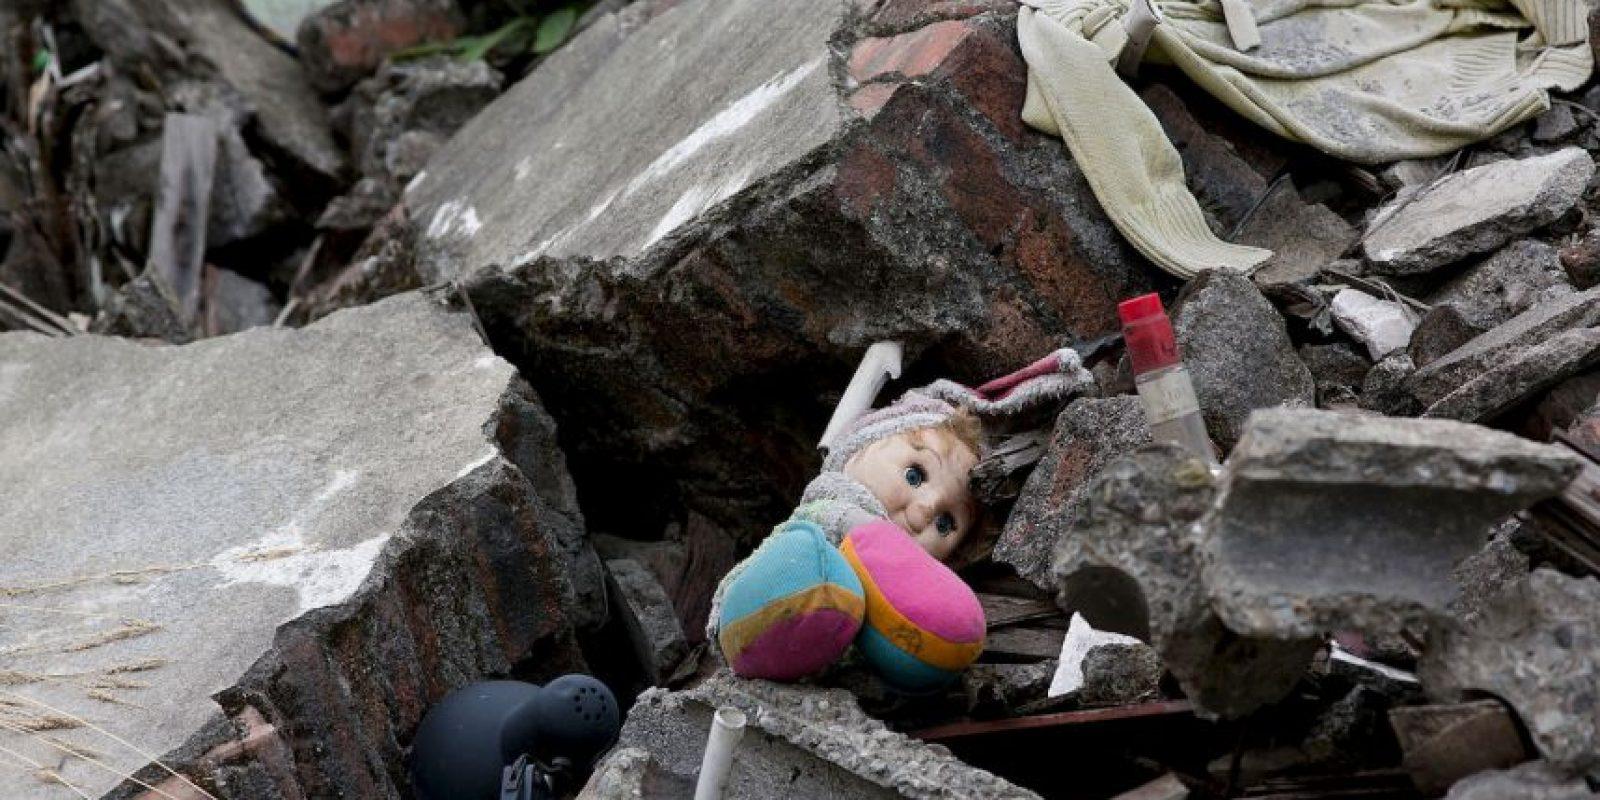 Una mujer fue hallada atrapada en un túnel bajo una fábrica hidráulica, nueve días después de un sismo que devastó la región de Sichuan, causando cerca de 87 mil muertos. Foto:Getty Images